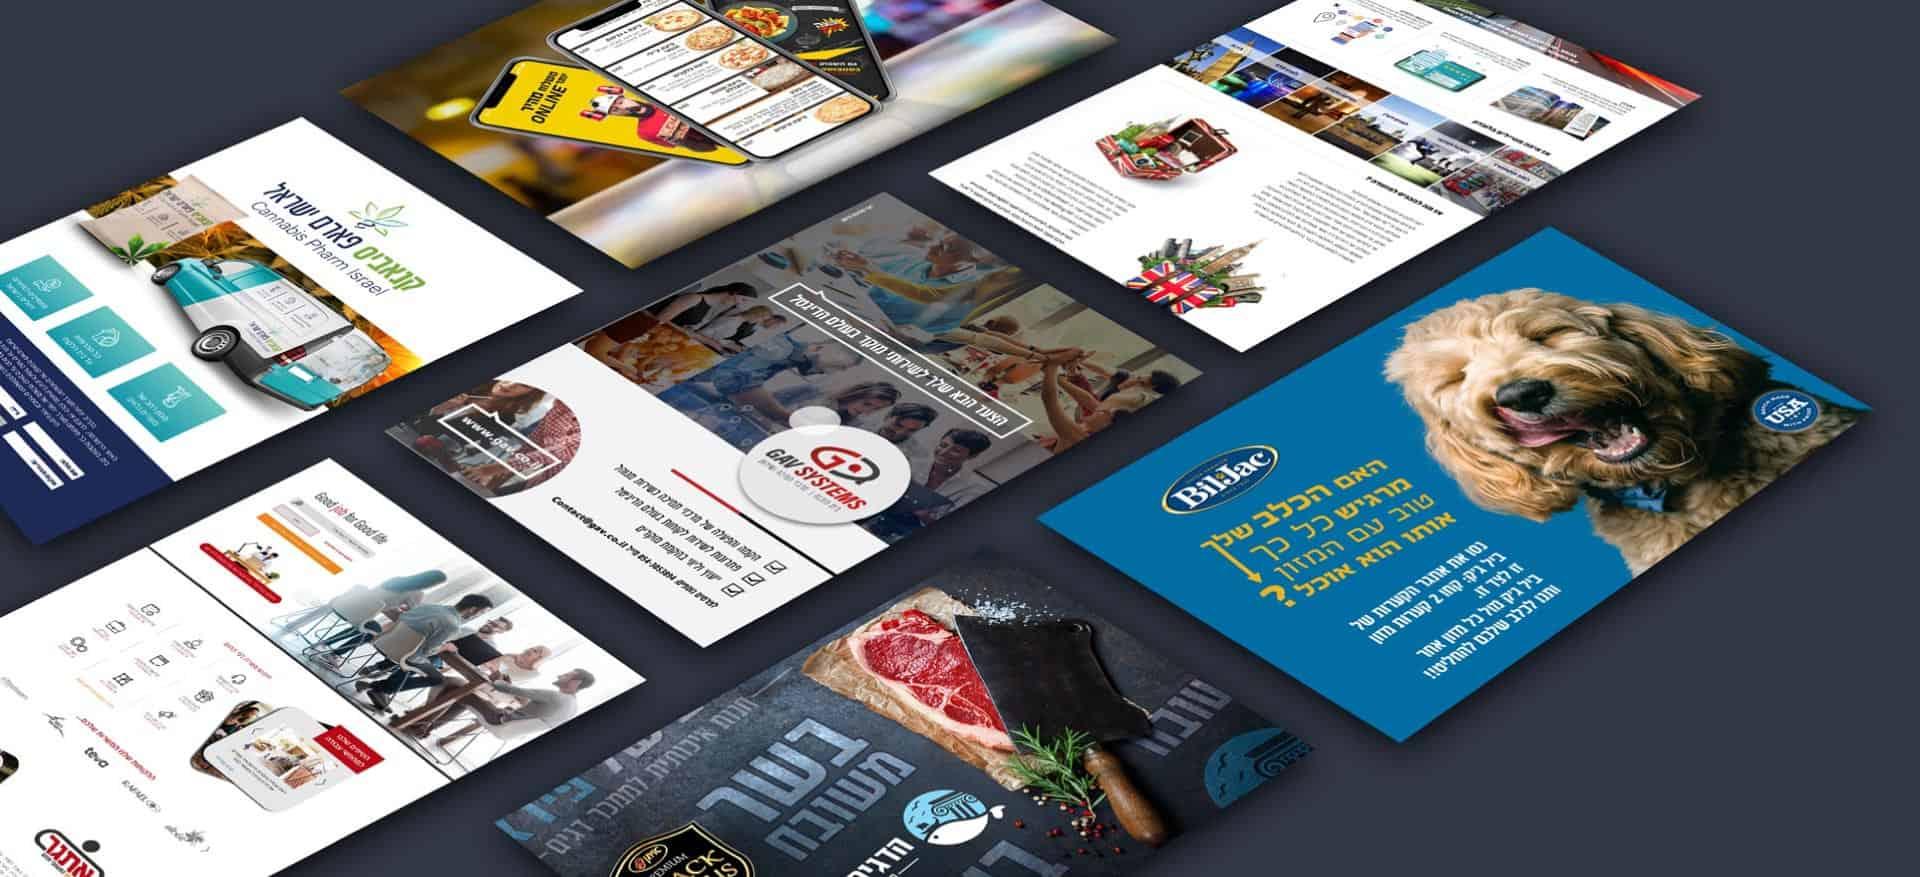 דף פנימי עיצוב גרפי ליעד פתרונות פרסום